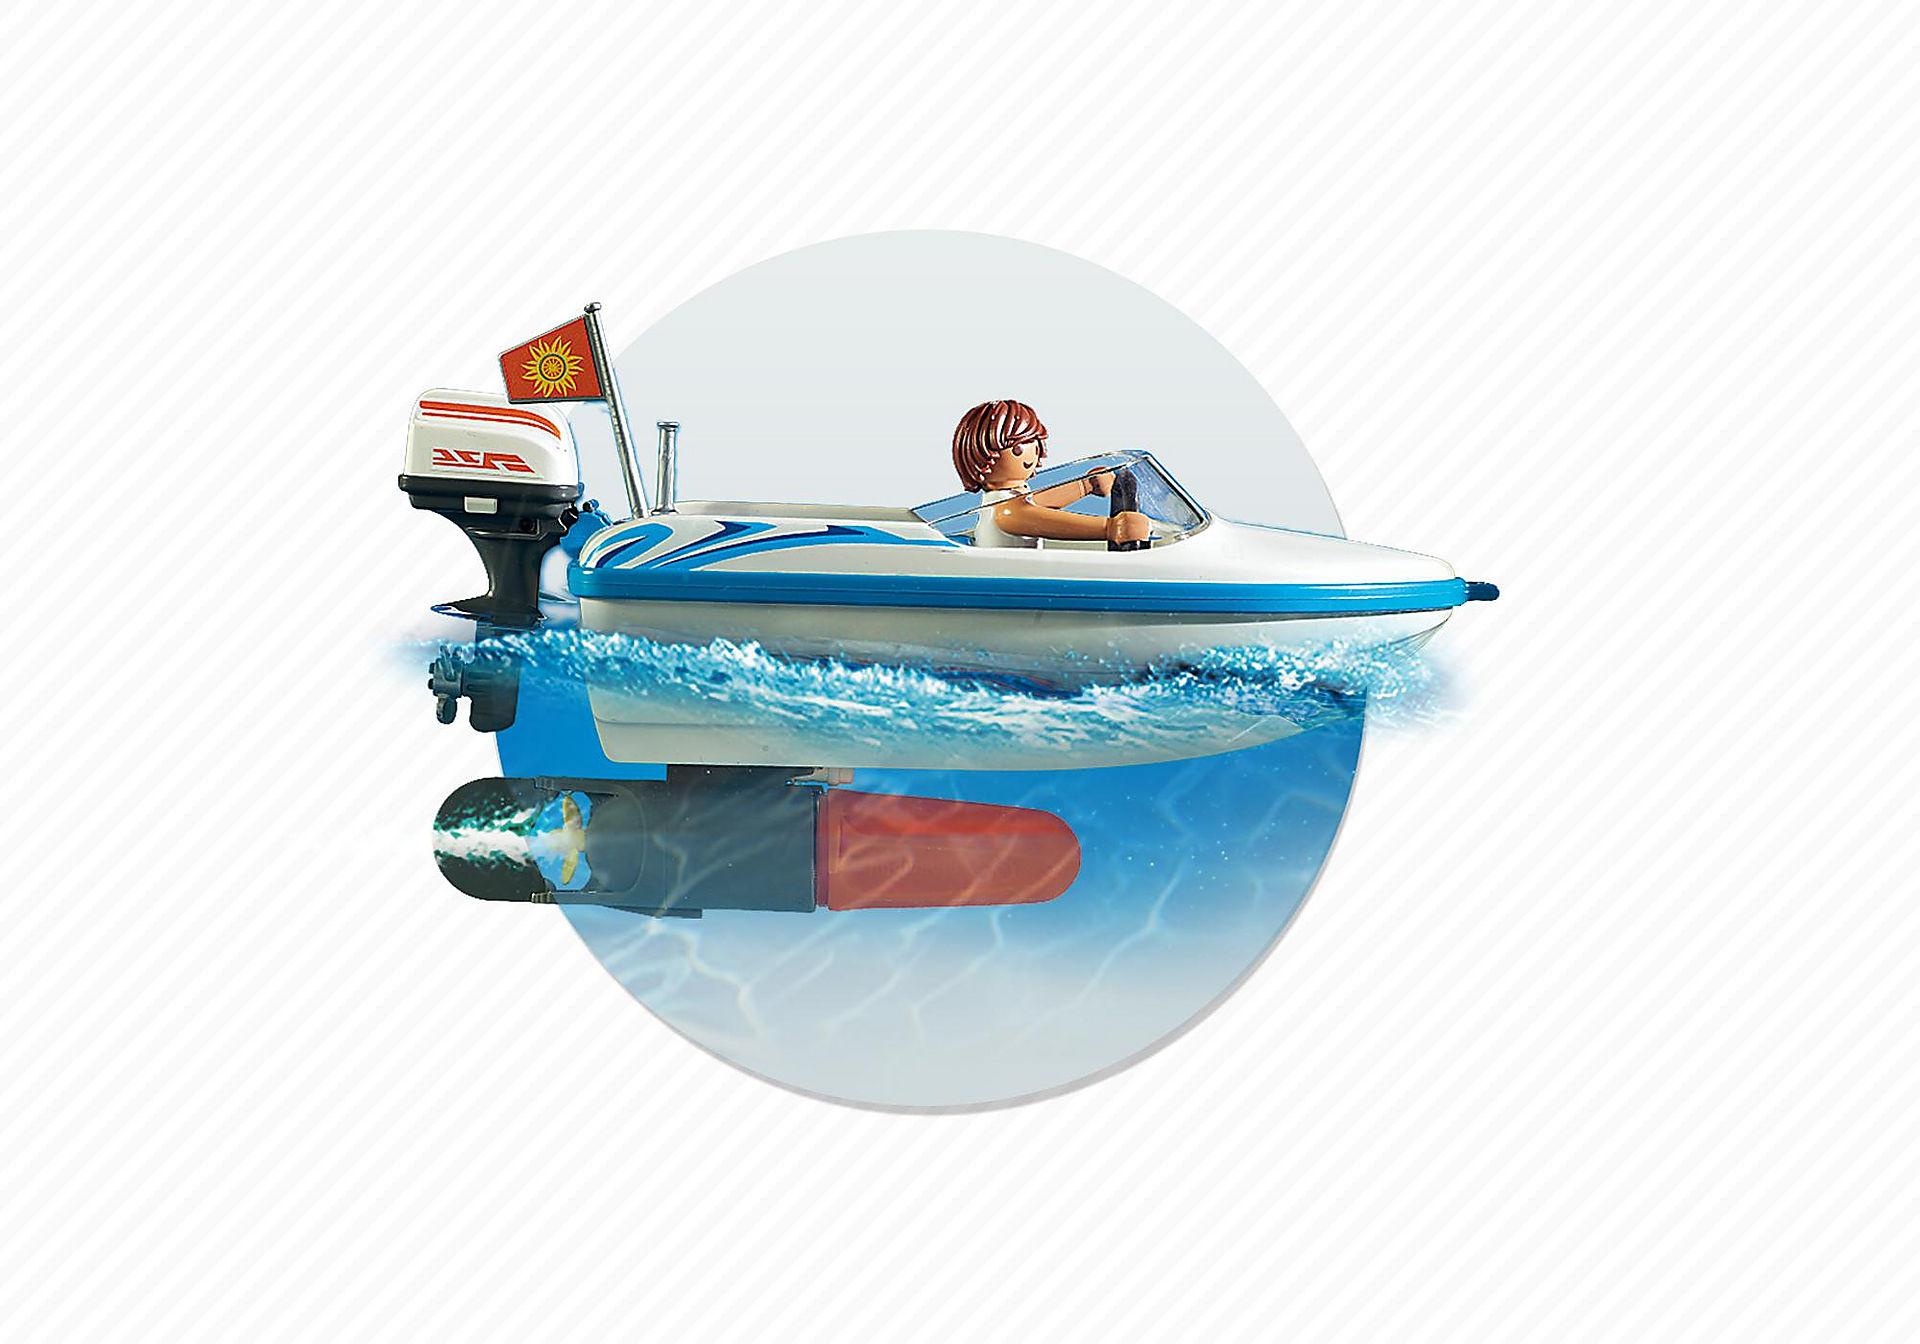 6864 Surfer-Pickup mit Speedboat  zoom image8